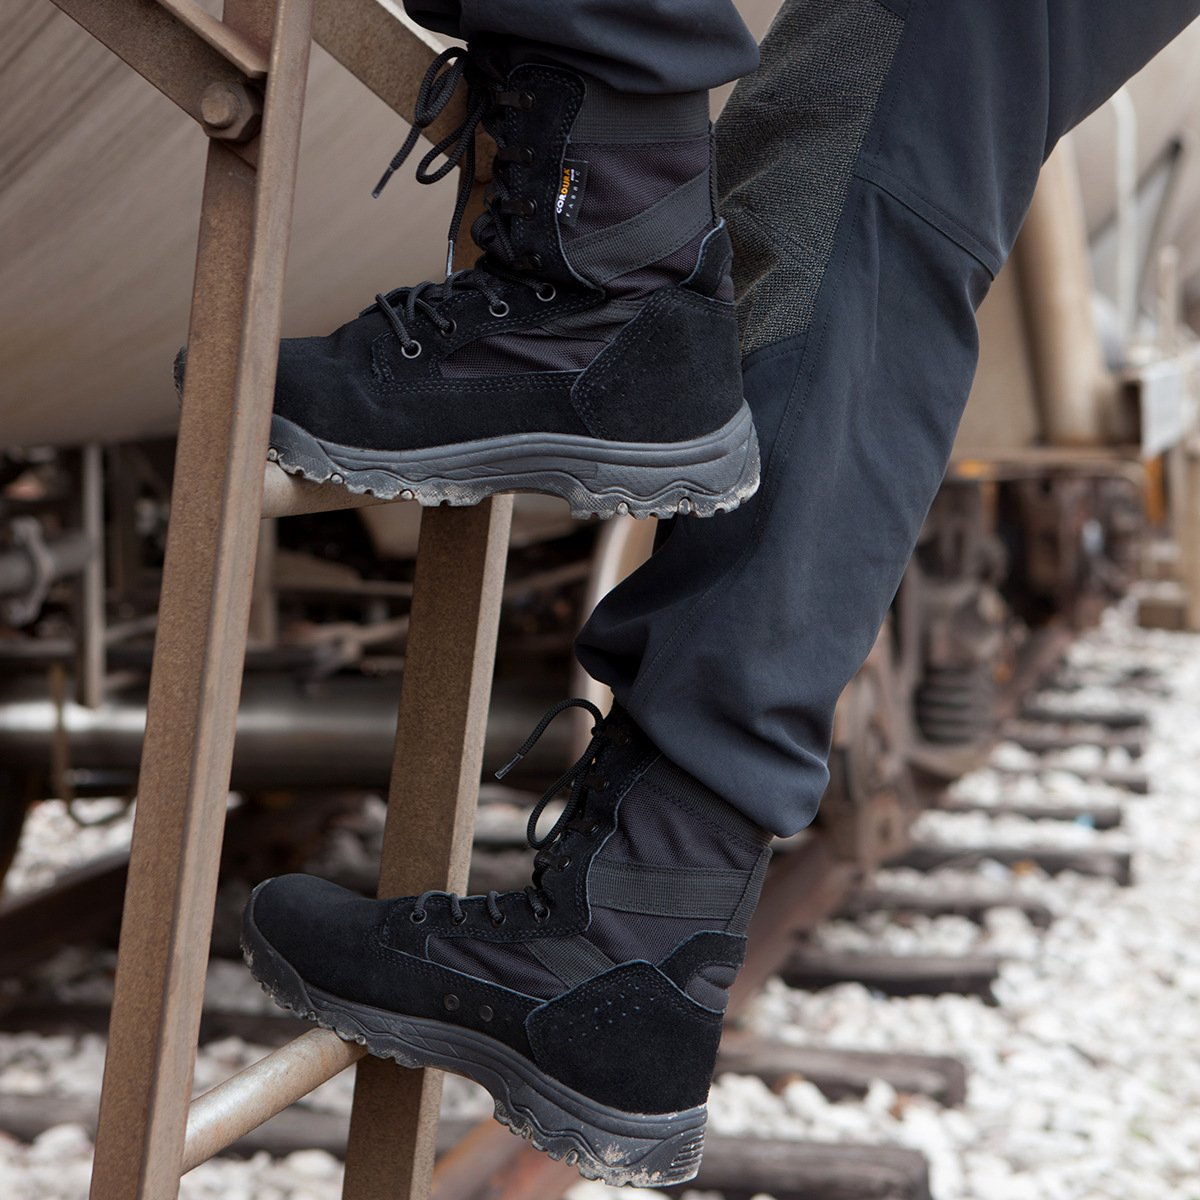 Free Soldier Soldier Soldier Herren Stiefeletten 20,3 cm Zoll Spitze bis Tactical Arbeit Schuhe All Terrain Ultralight Atmungsaktiv Desert Stiefel 16209f